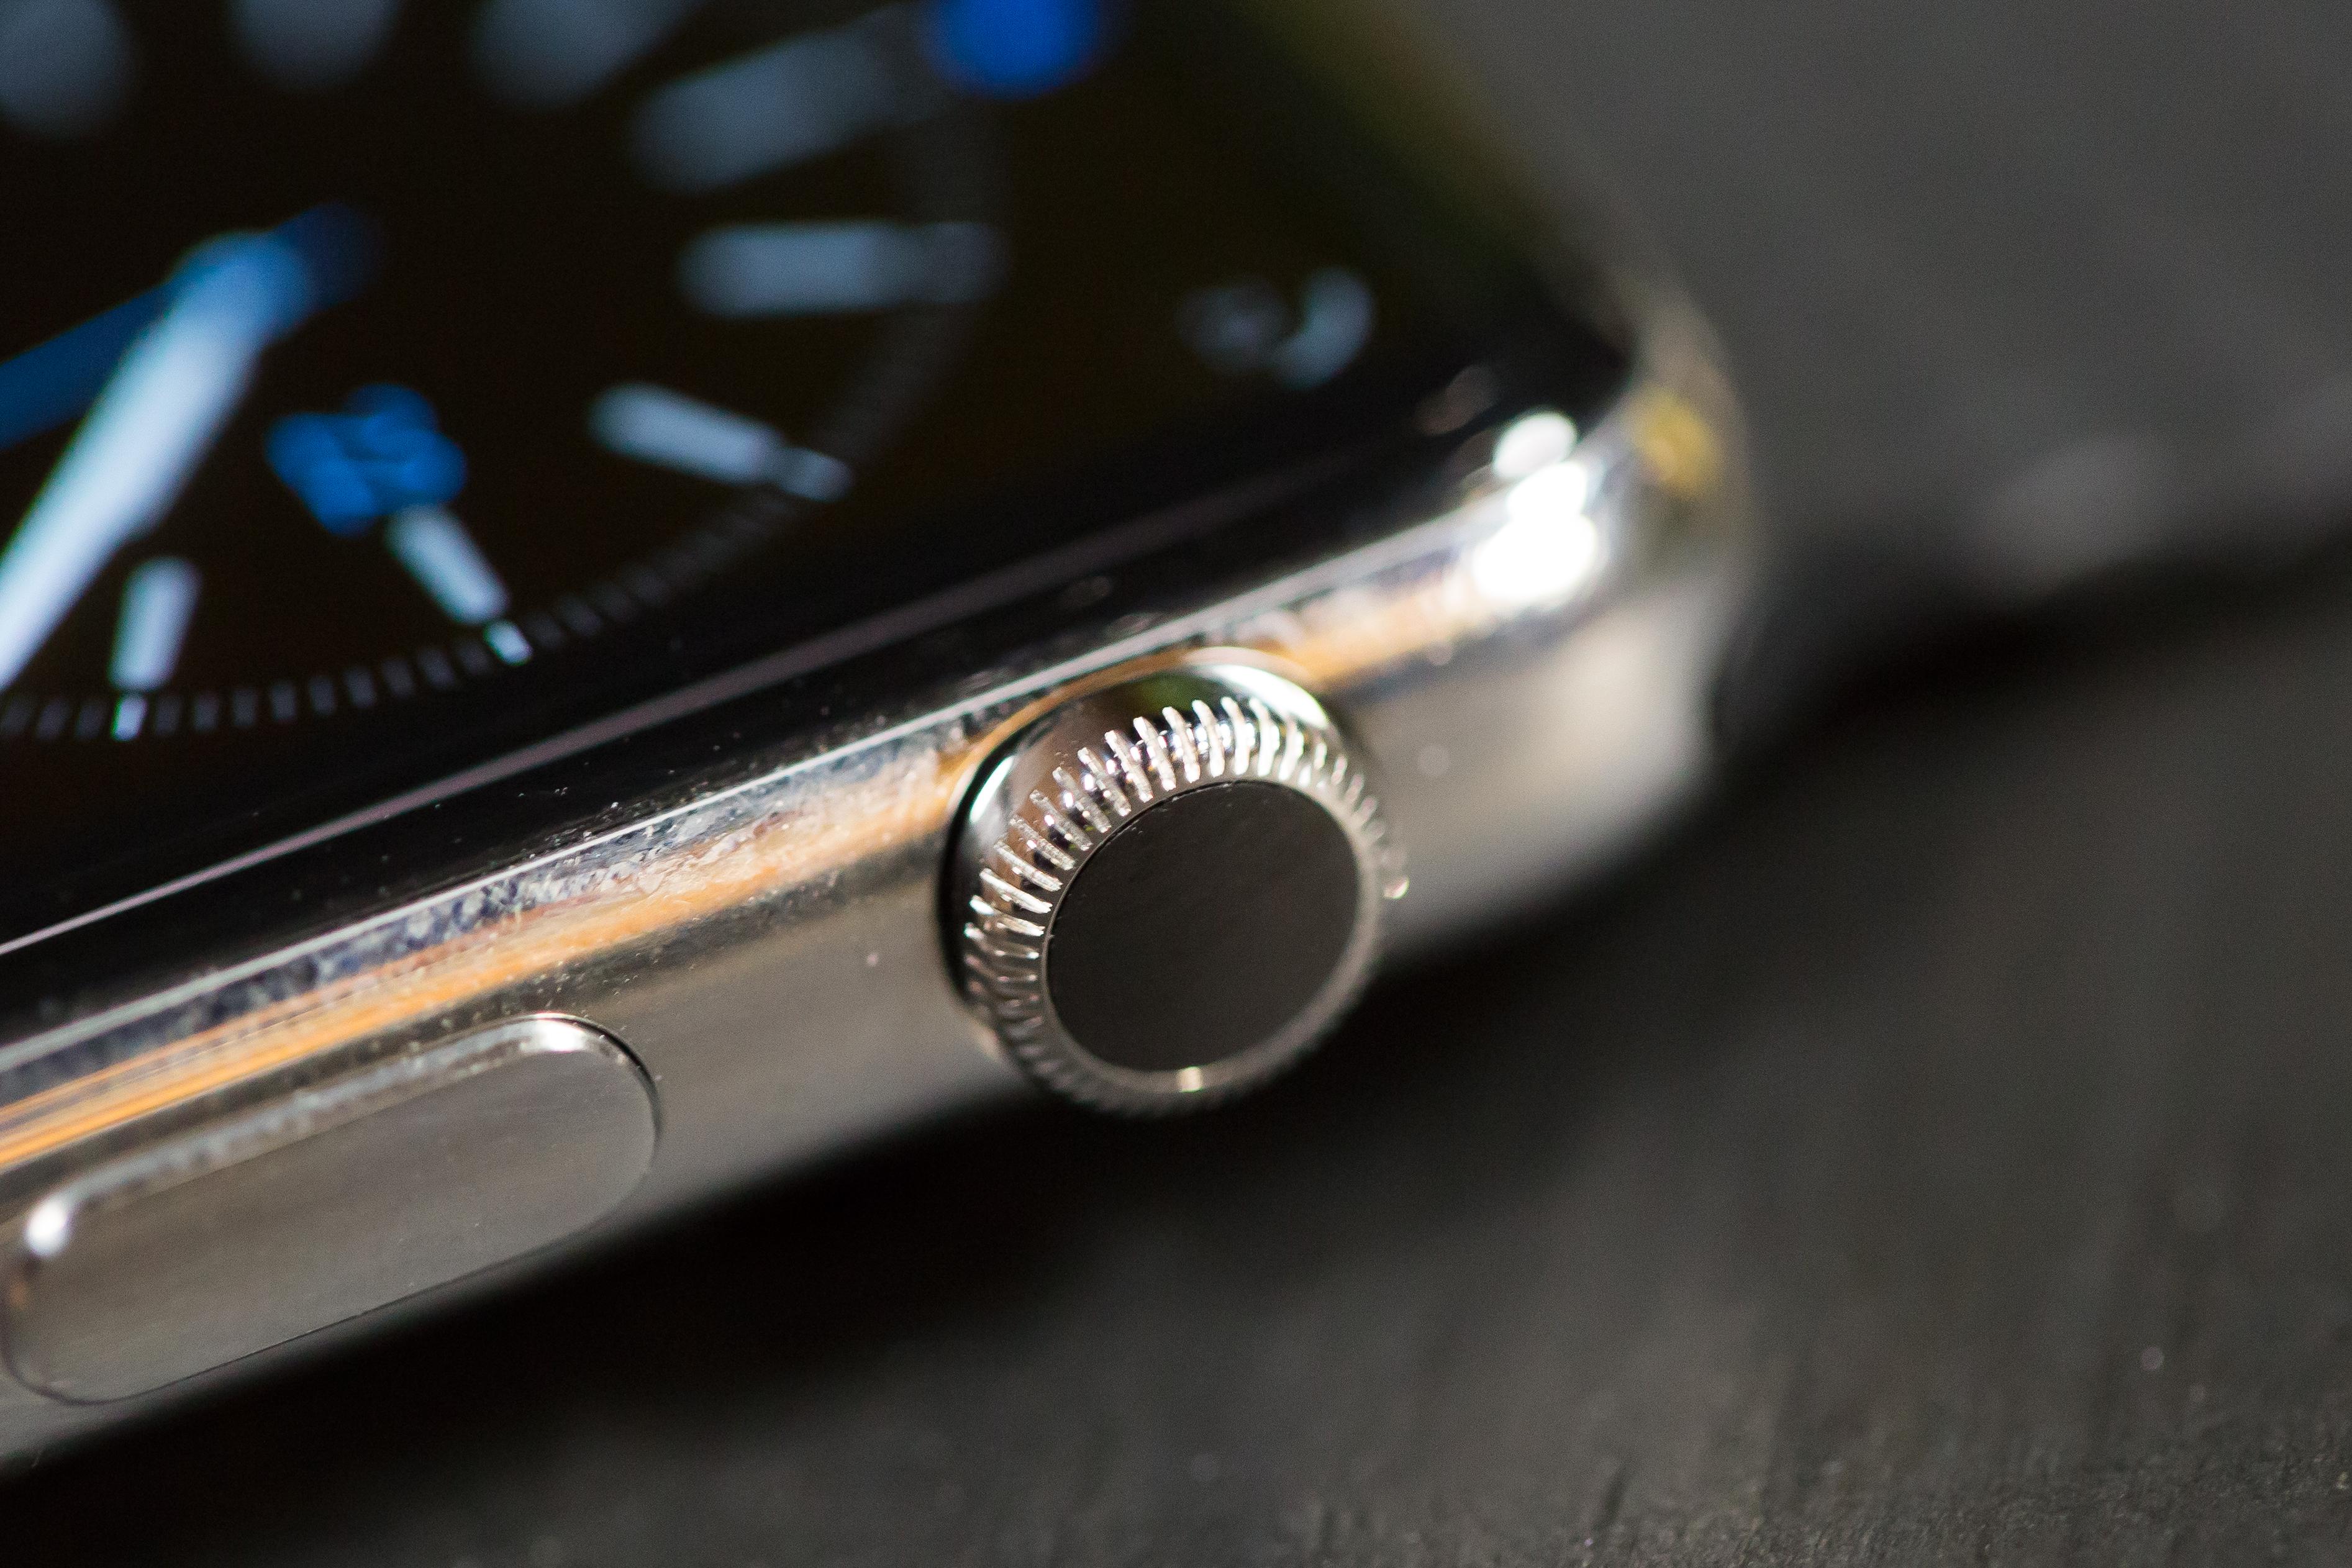 digital-crown-watch